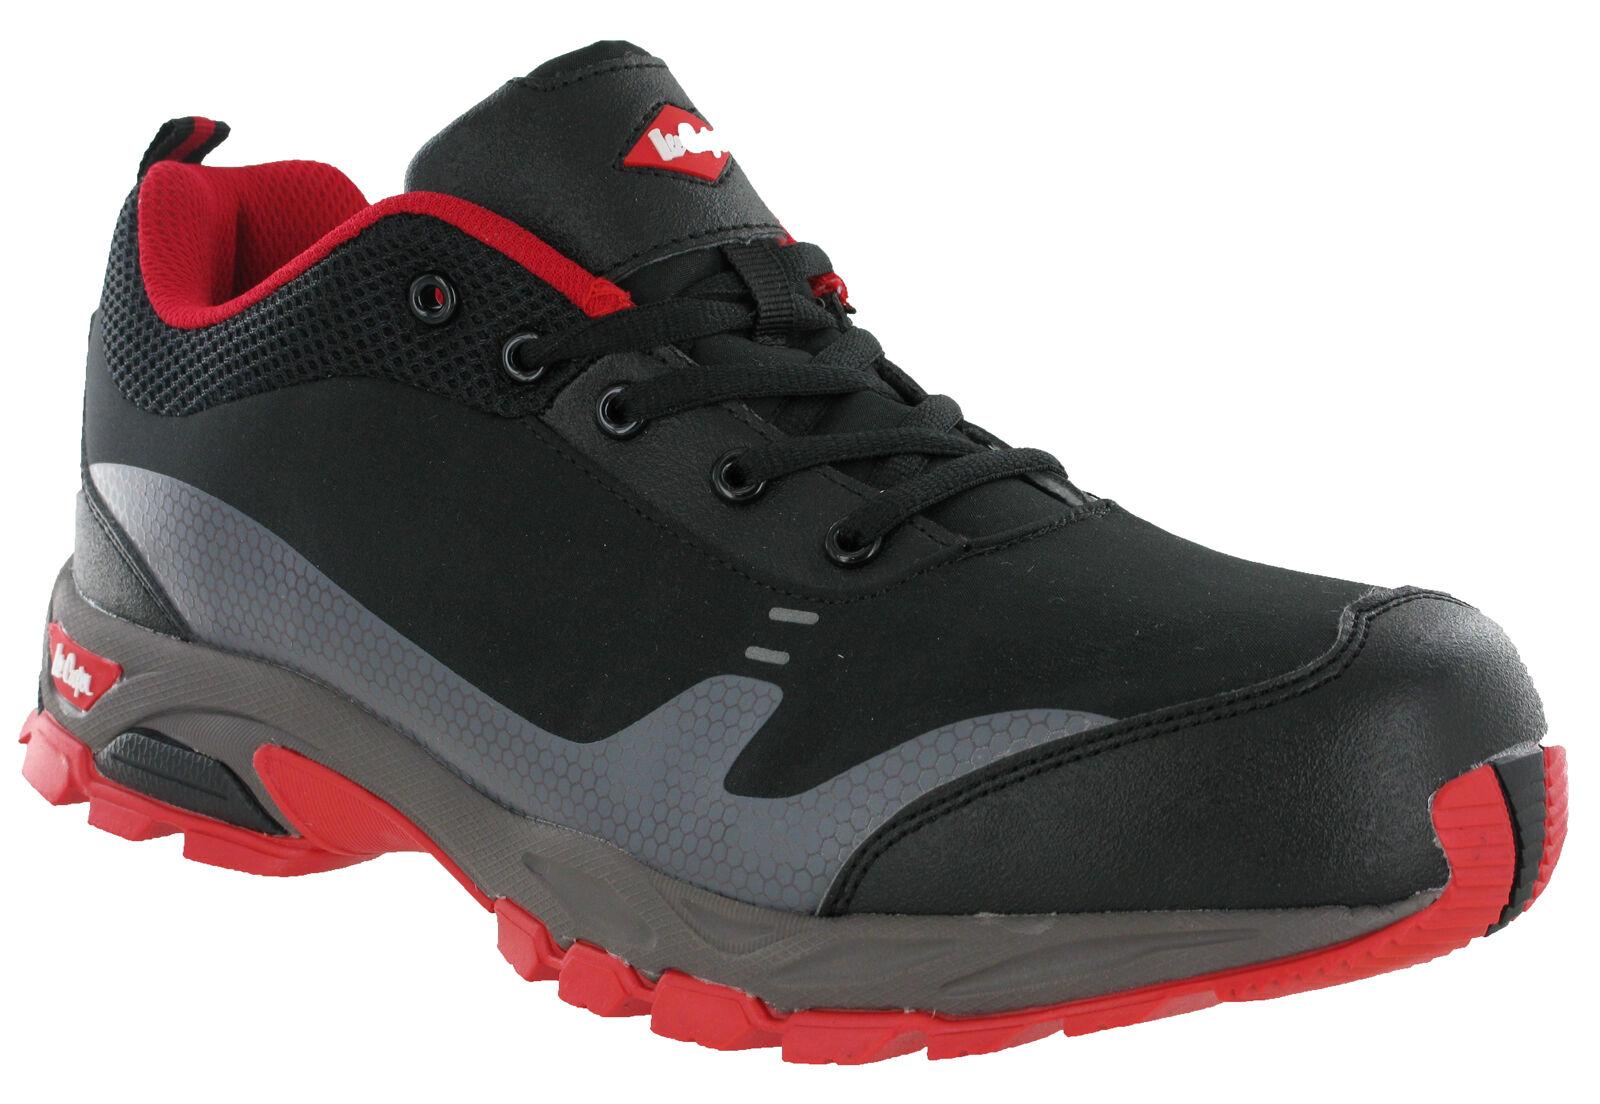 Lee Cooper Zapatillas de protección COMPOSITE METALES PUNTERA S1P Ligero Sin METALES COMPOSITE d81b69